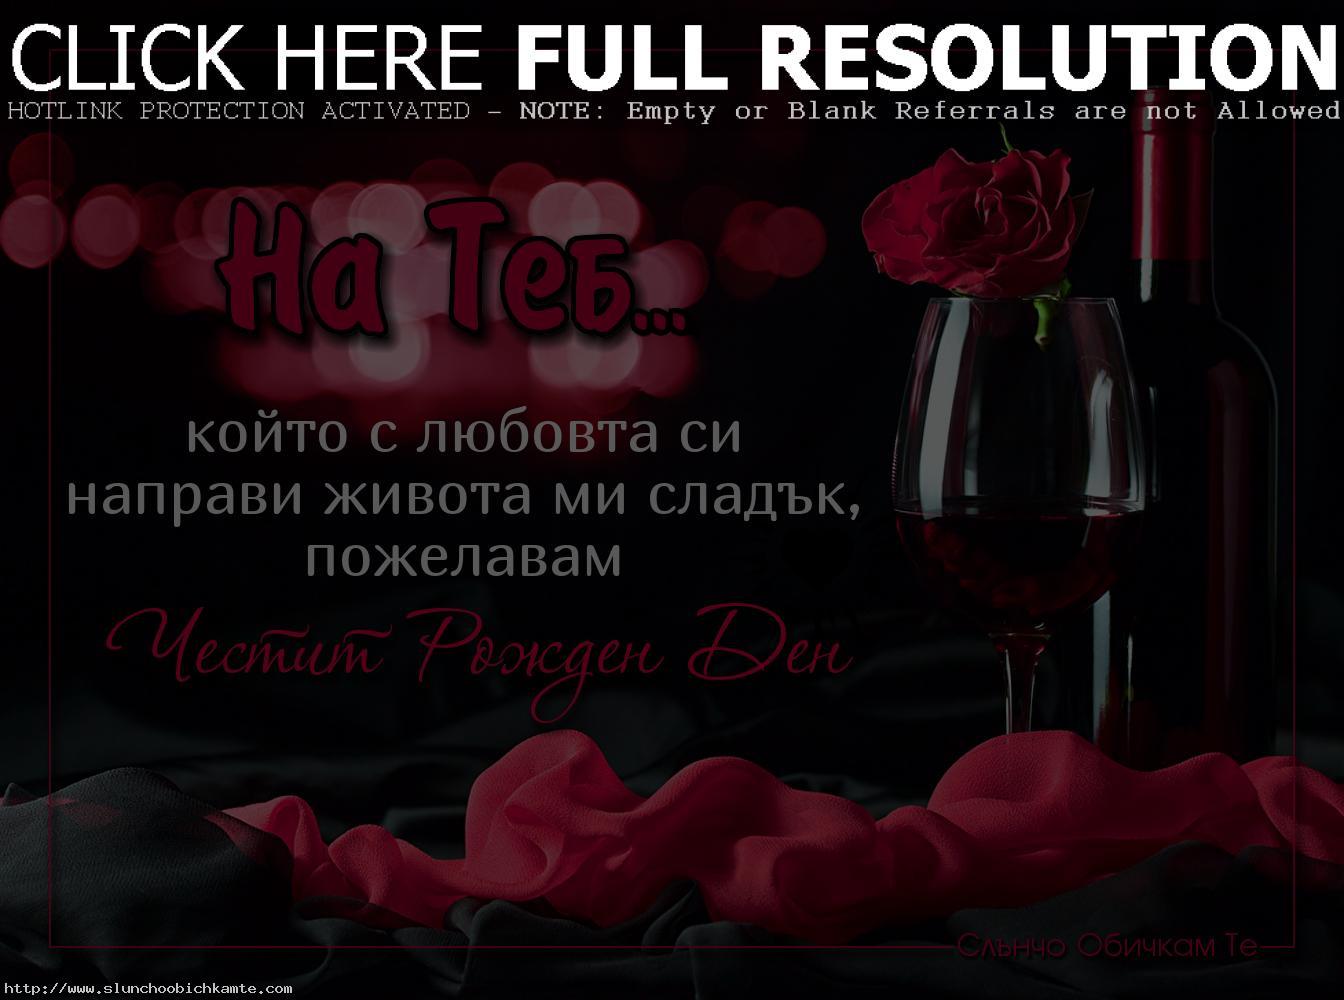 Честит рожден ден обич моя! На теб който с любовта си направи живота ми сладък, пожелавам Честит рожден ден! - Честит рожден ден обичам те! - картички за рожден ден на любим човек, вино и рози за рожден ден